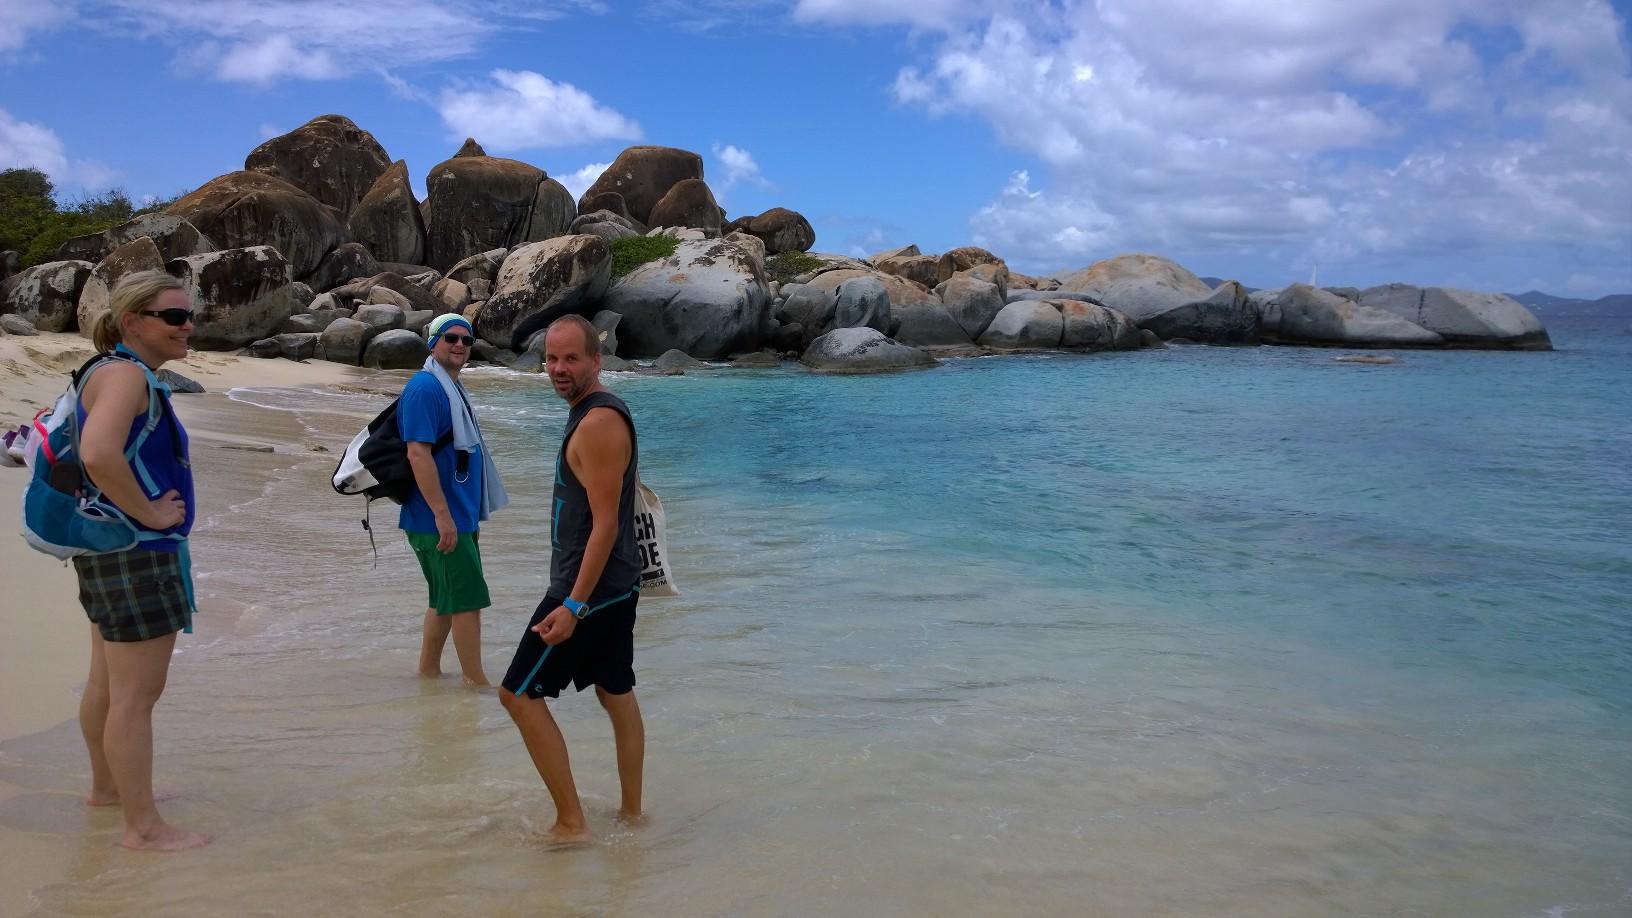 Devil's Bayssa. Vietimme aikaa taustalla olevien kivien päällä istuen ja snorklaillen.